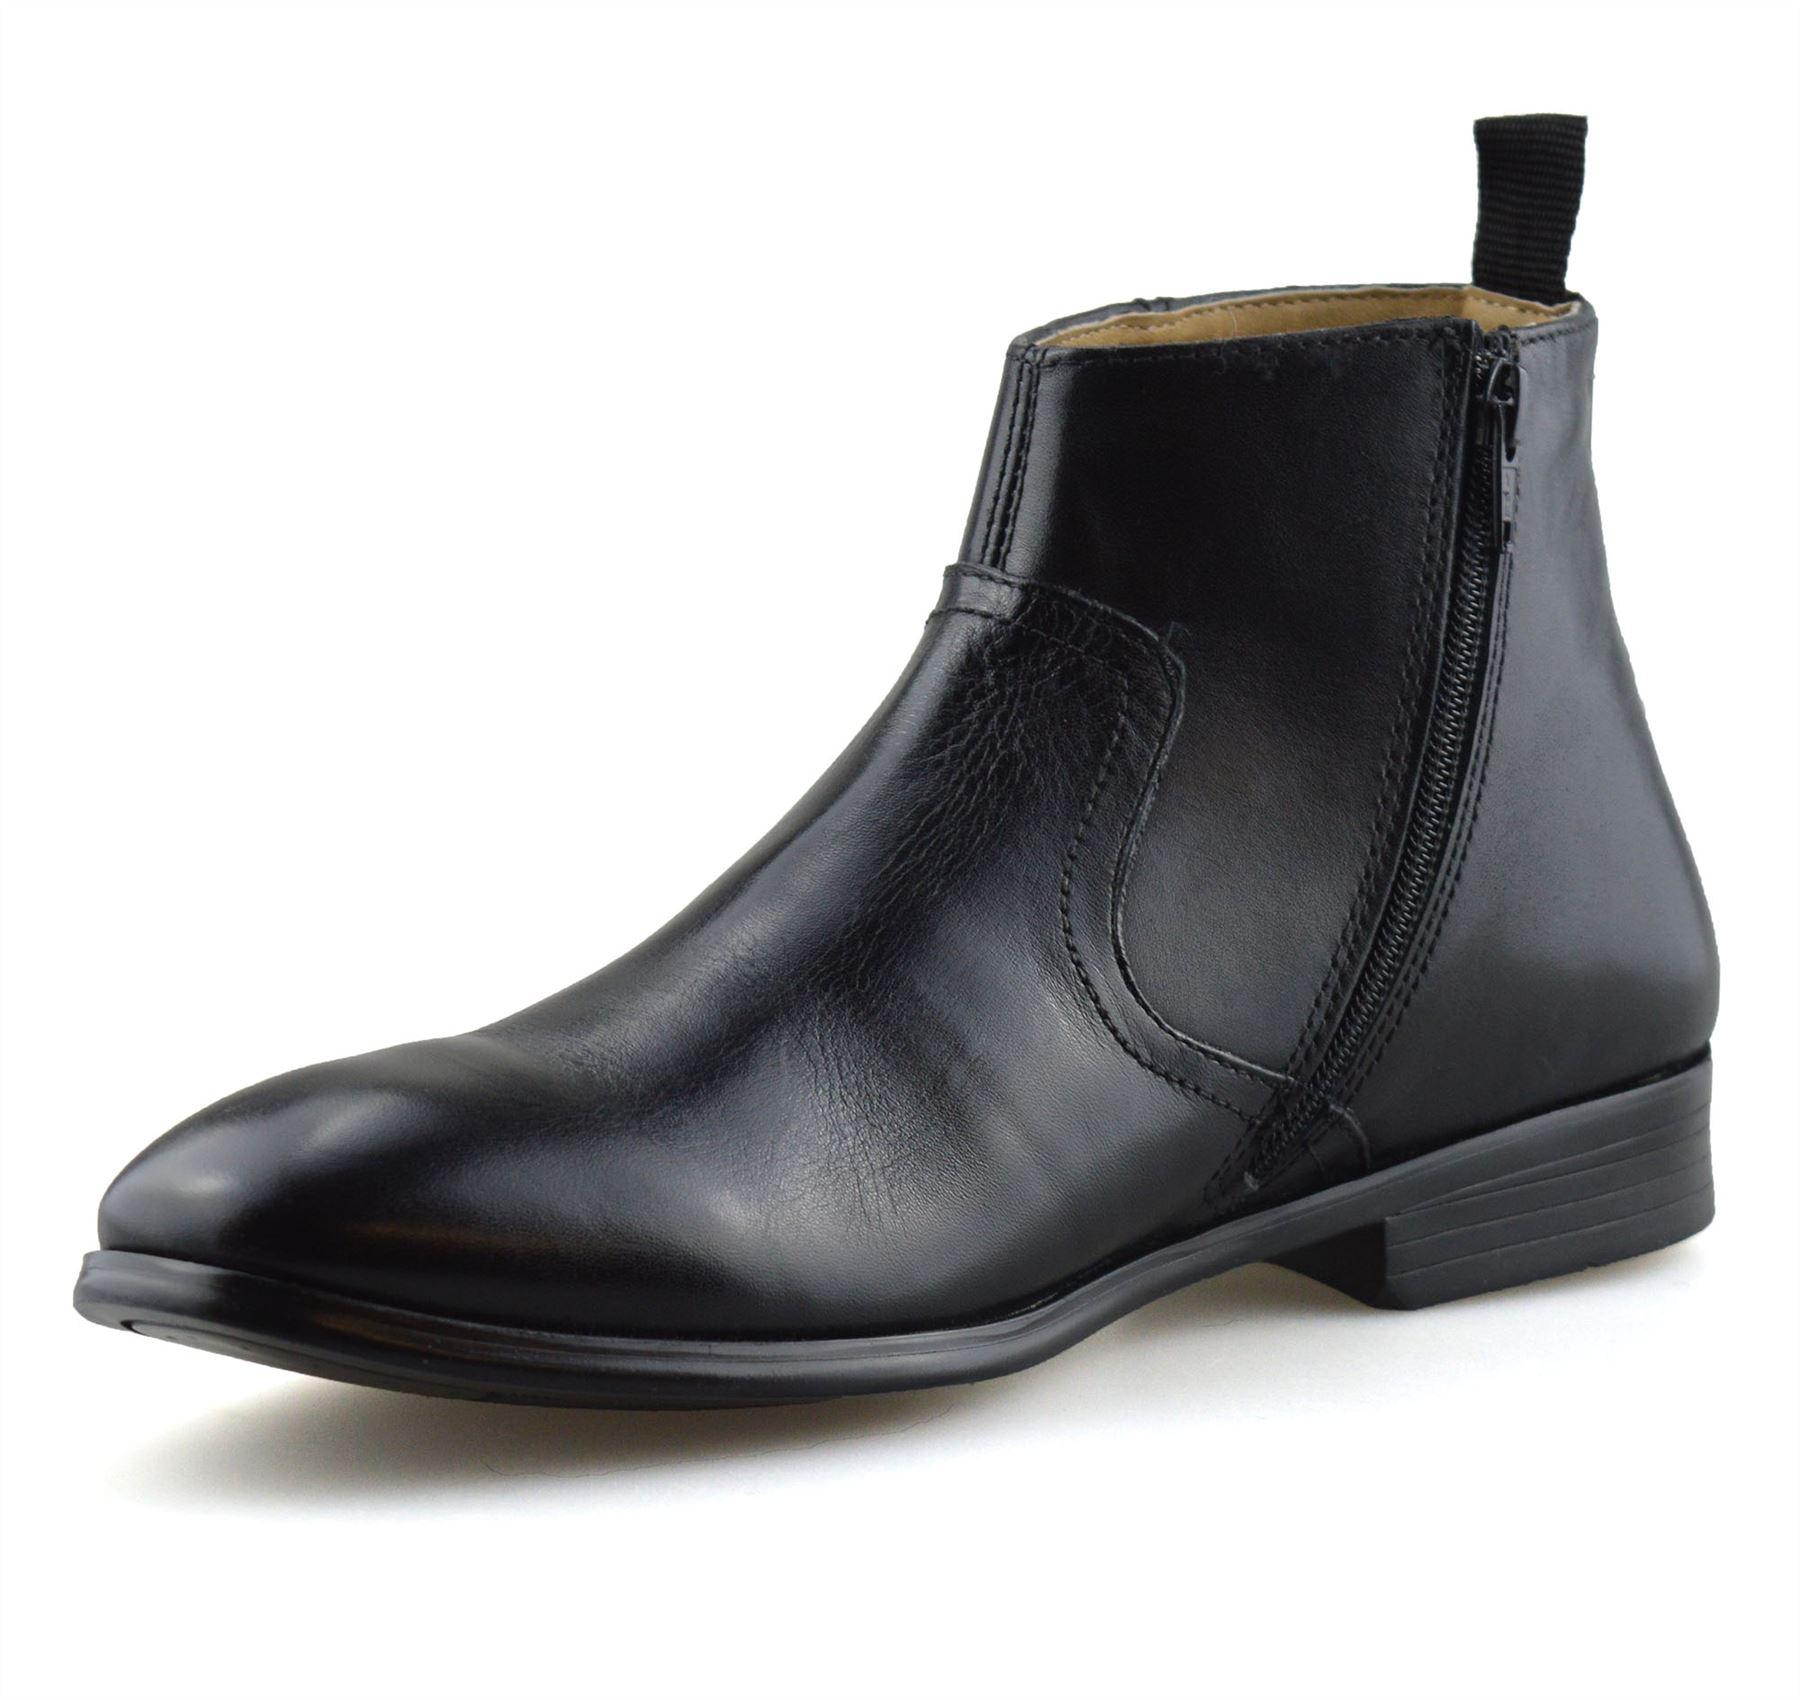 Hombre-Nuevo-Cuero-Cremallera-Formal-Smart-Trabajo-Distribuidor-Chelsea-Botas-al-Tobillo-Zapatos miniatura 14